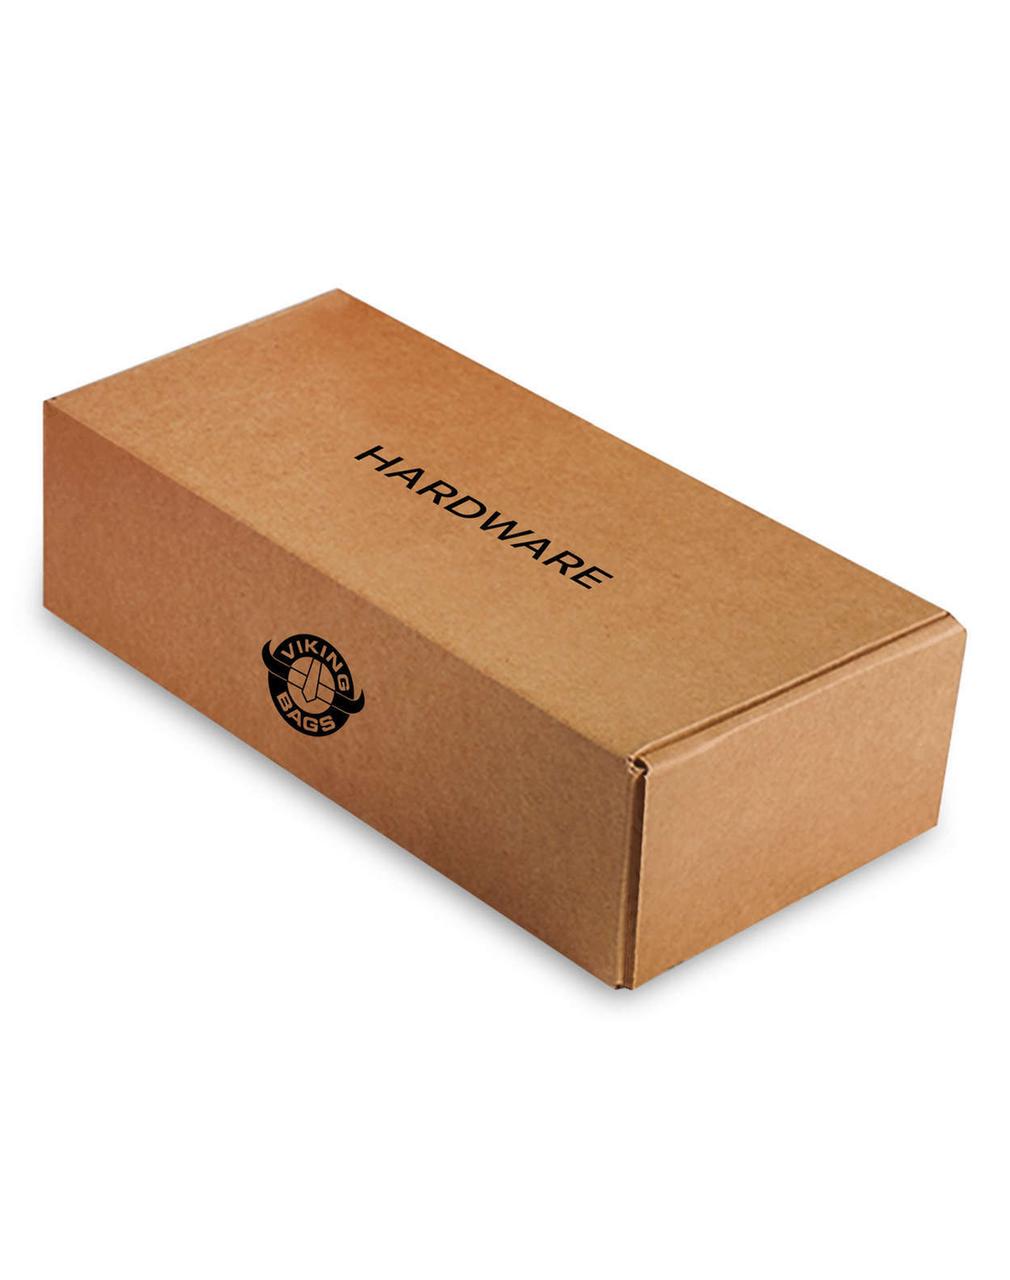 Honda VTX 1800 C Viking Lamellar Slanted Leather Covered Motorcycle Hard Saddlebags Hardware box